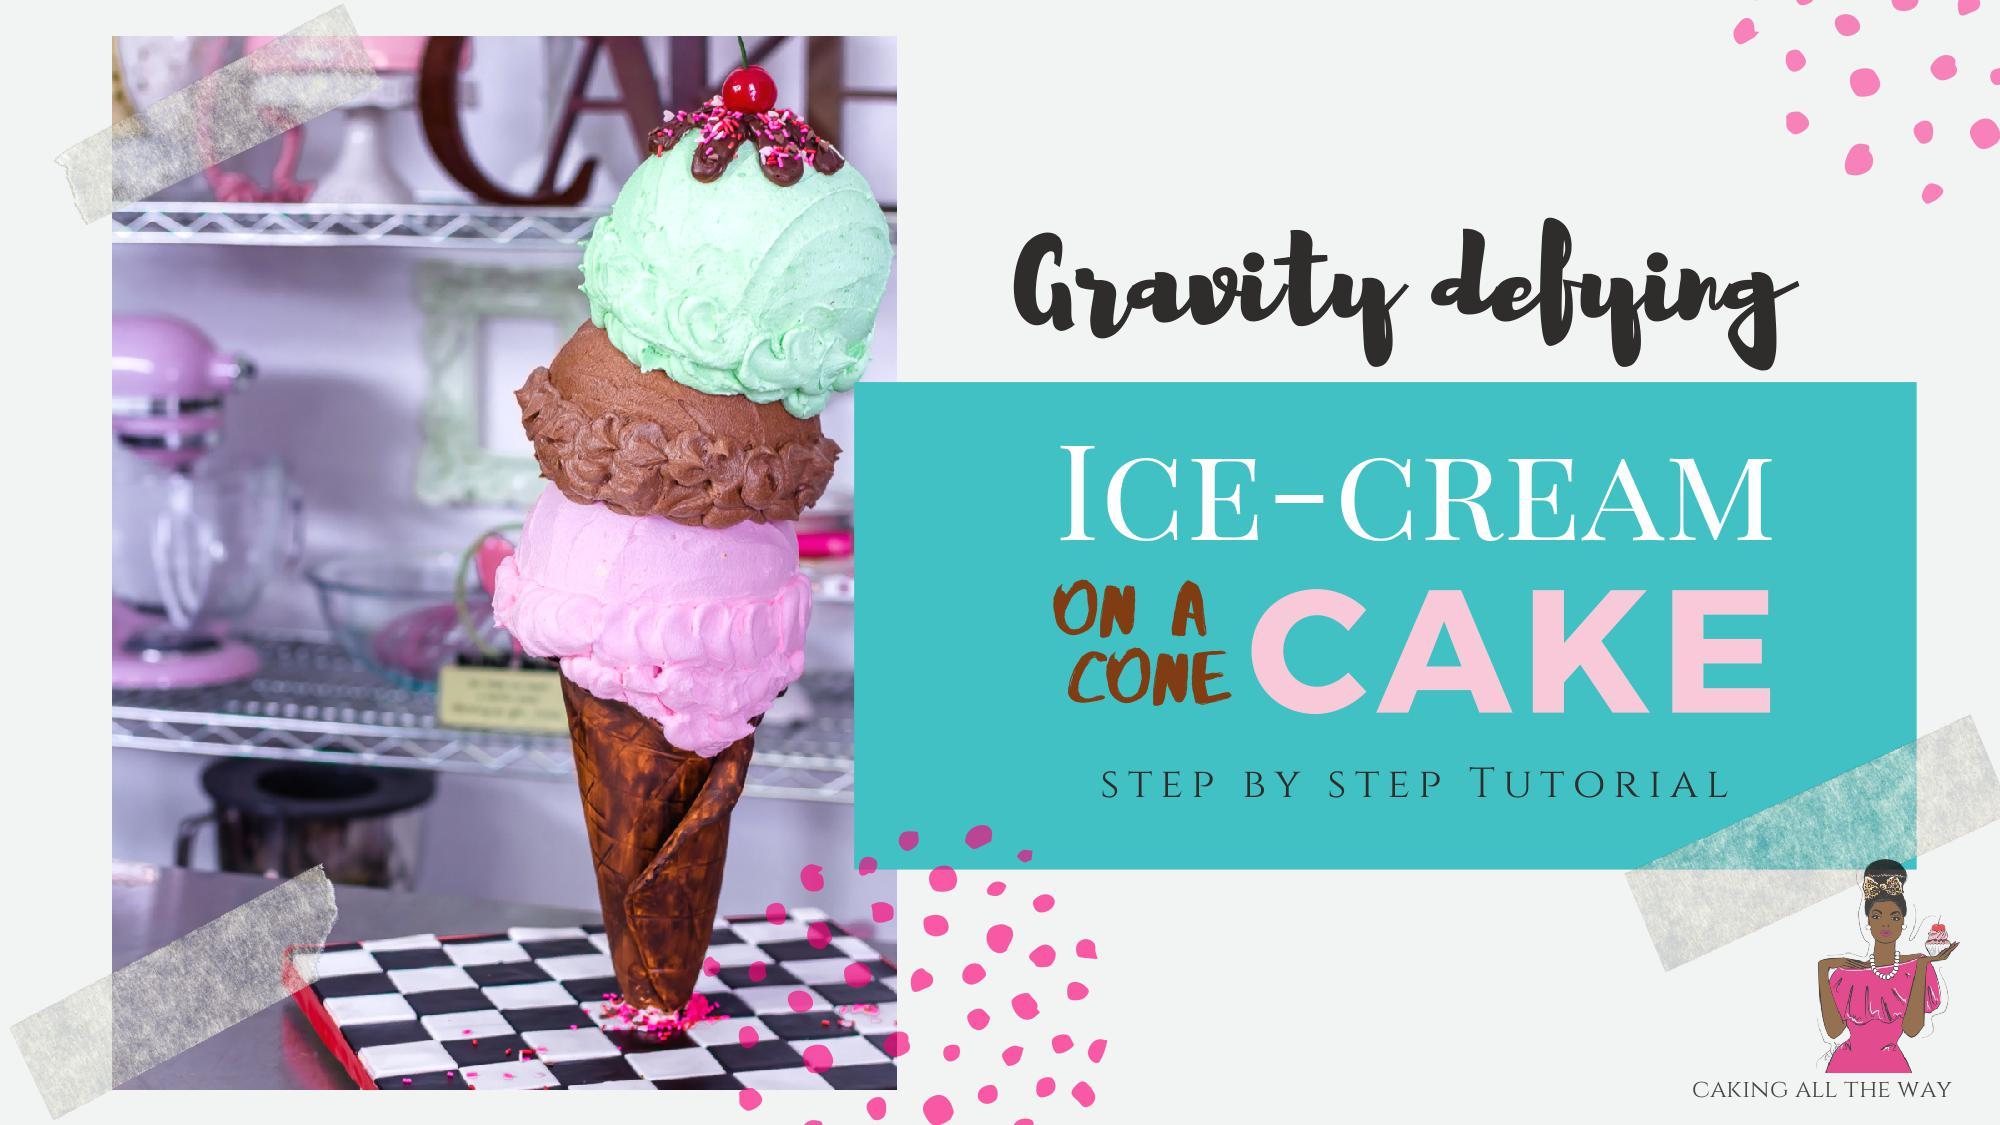 3D Ice-cream cone Cake